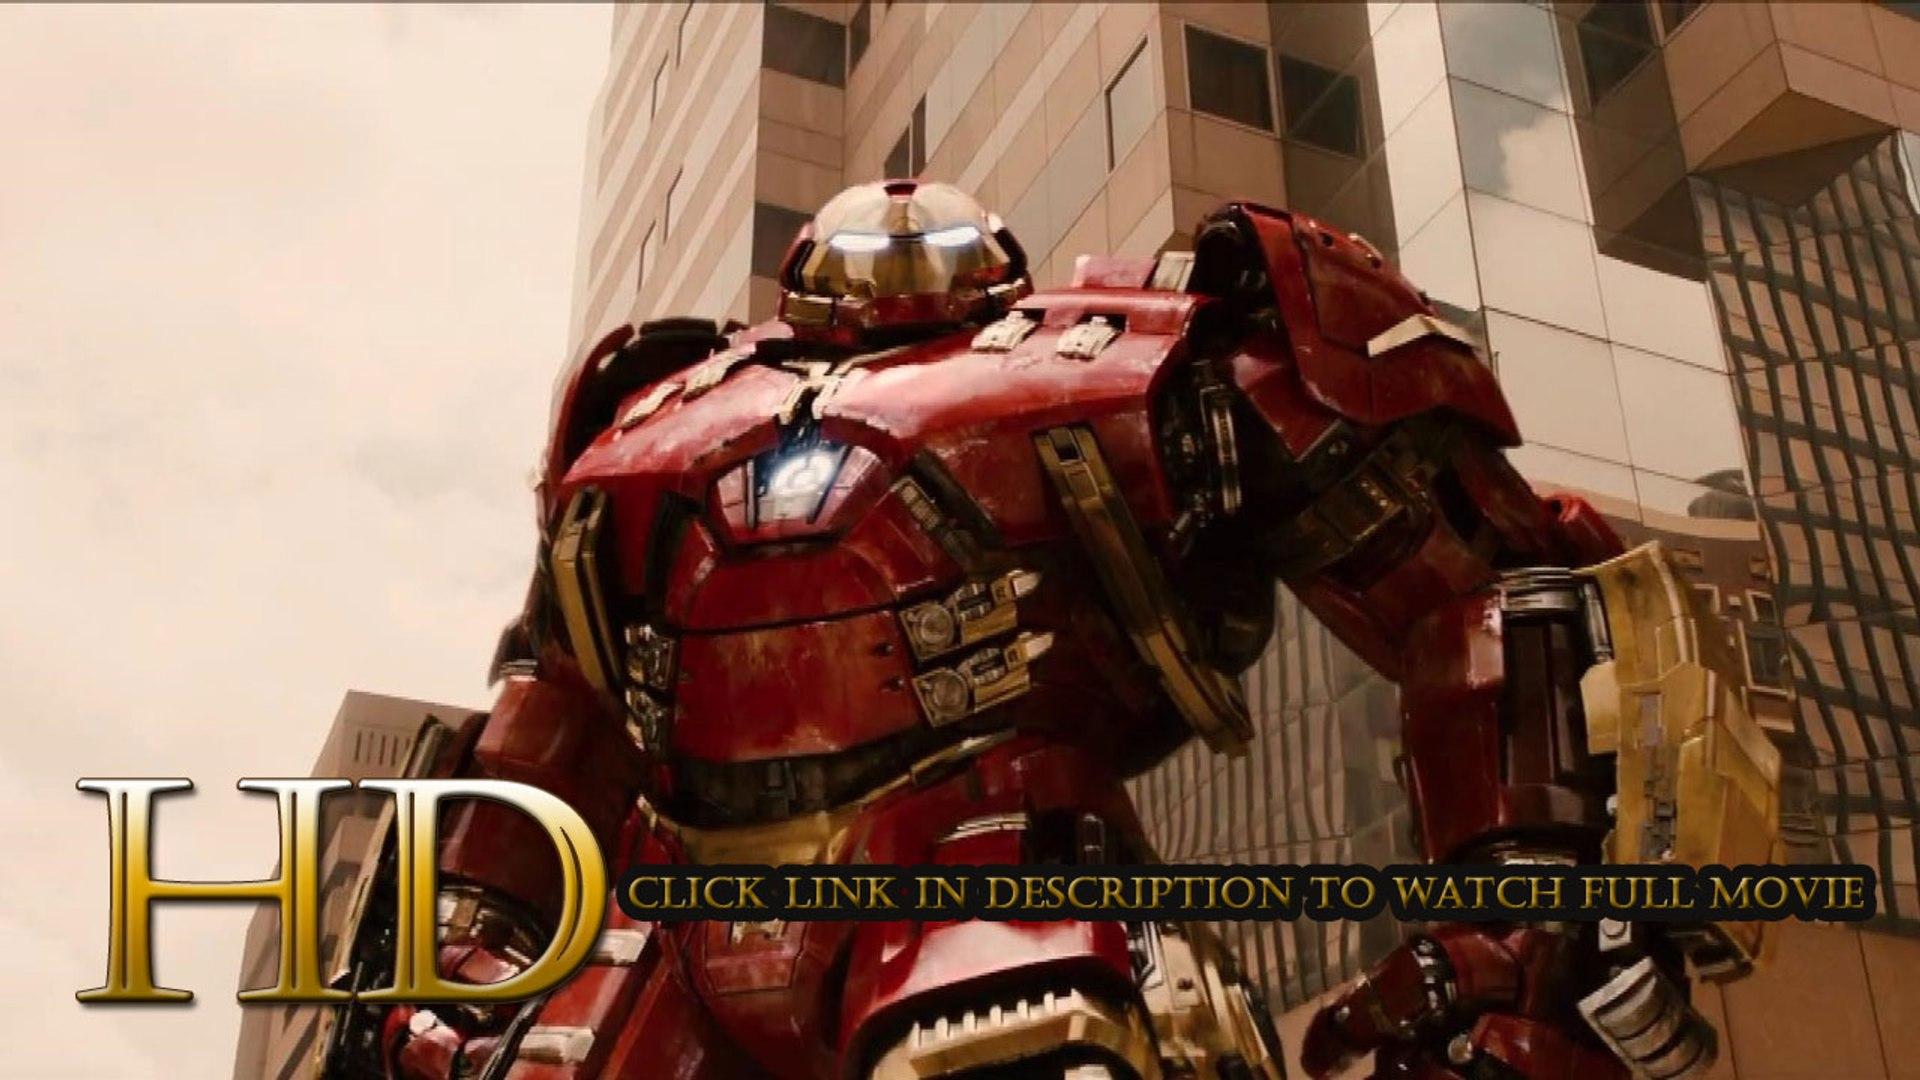 Putlocker Avengers: Age of Ultron, Stream Avengers: Age of Ultron, Watch Avengers: Age of Ultron Onl